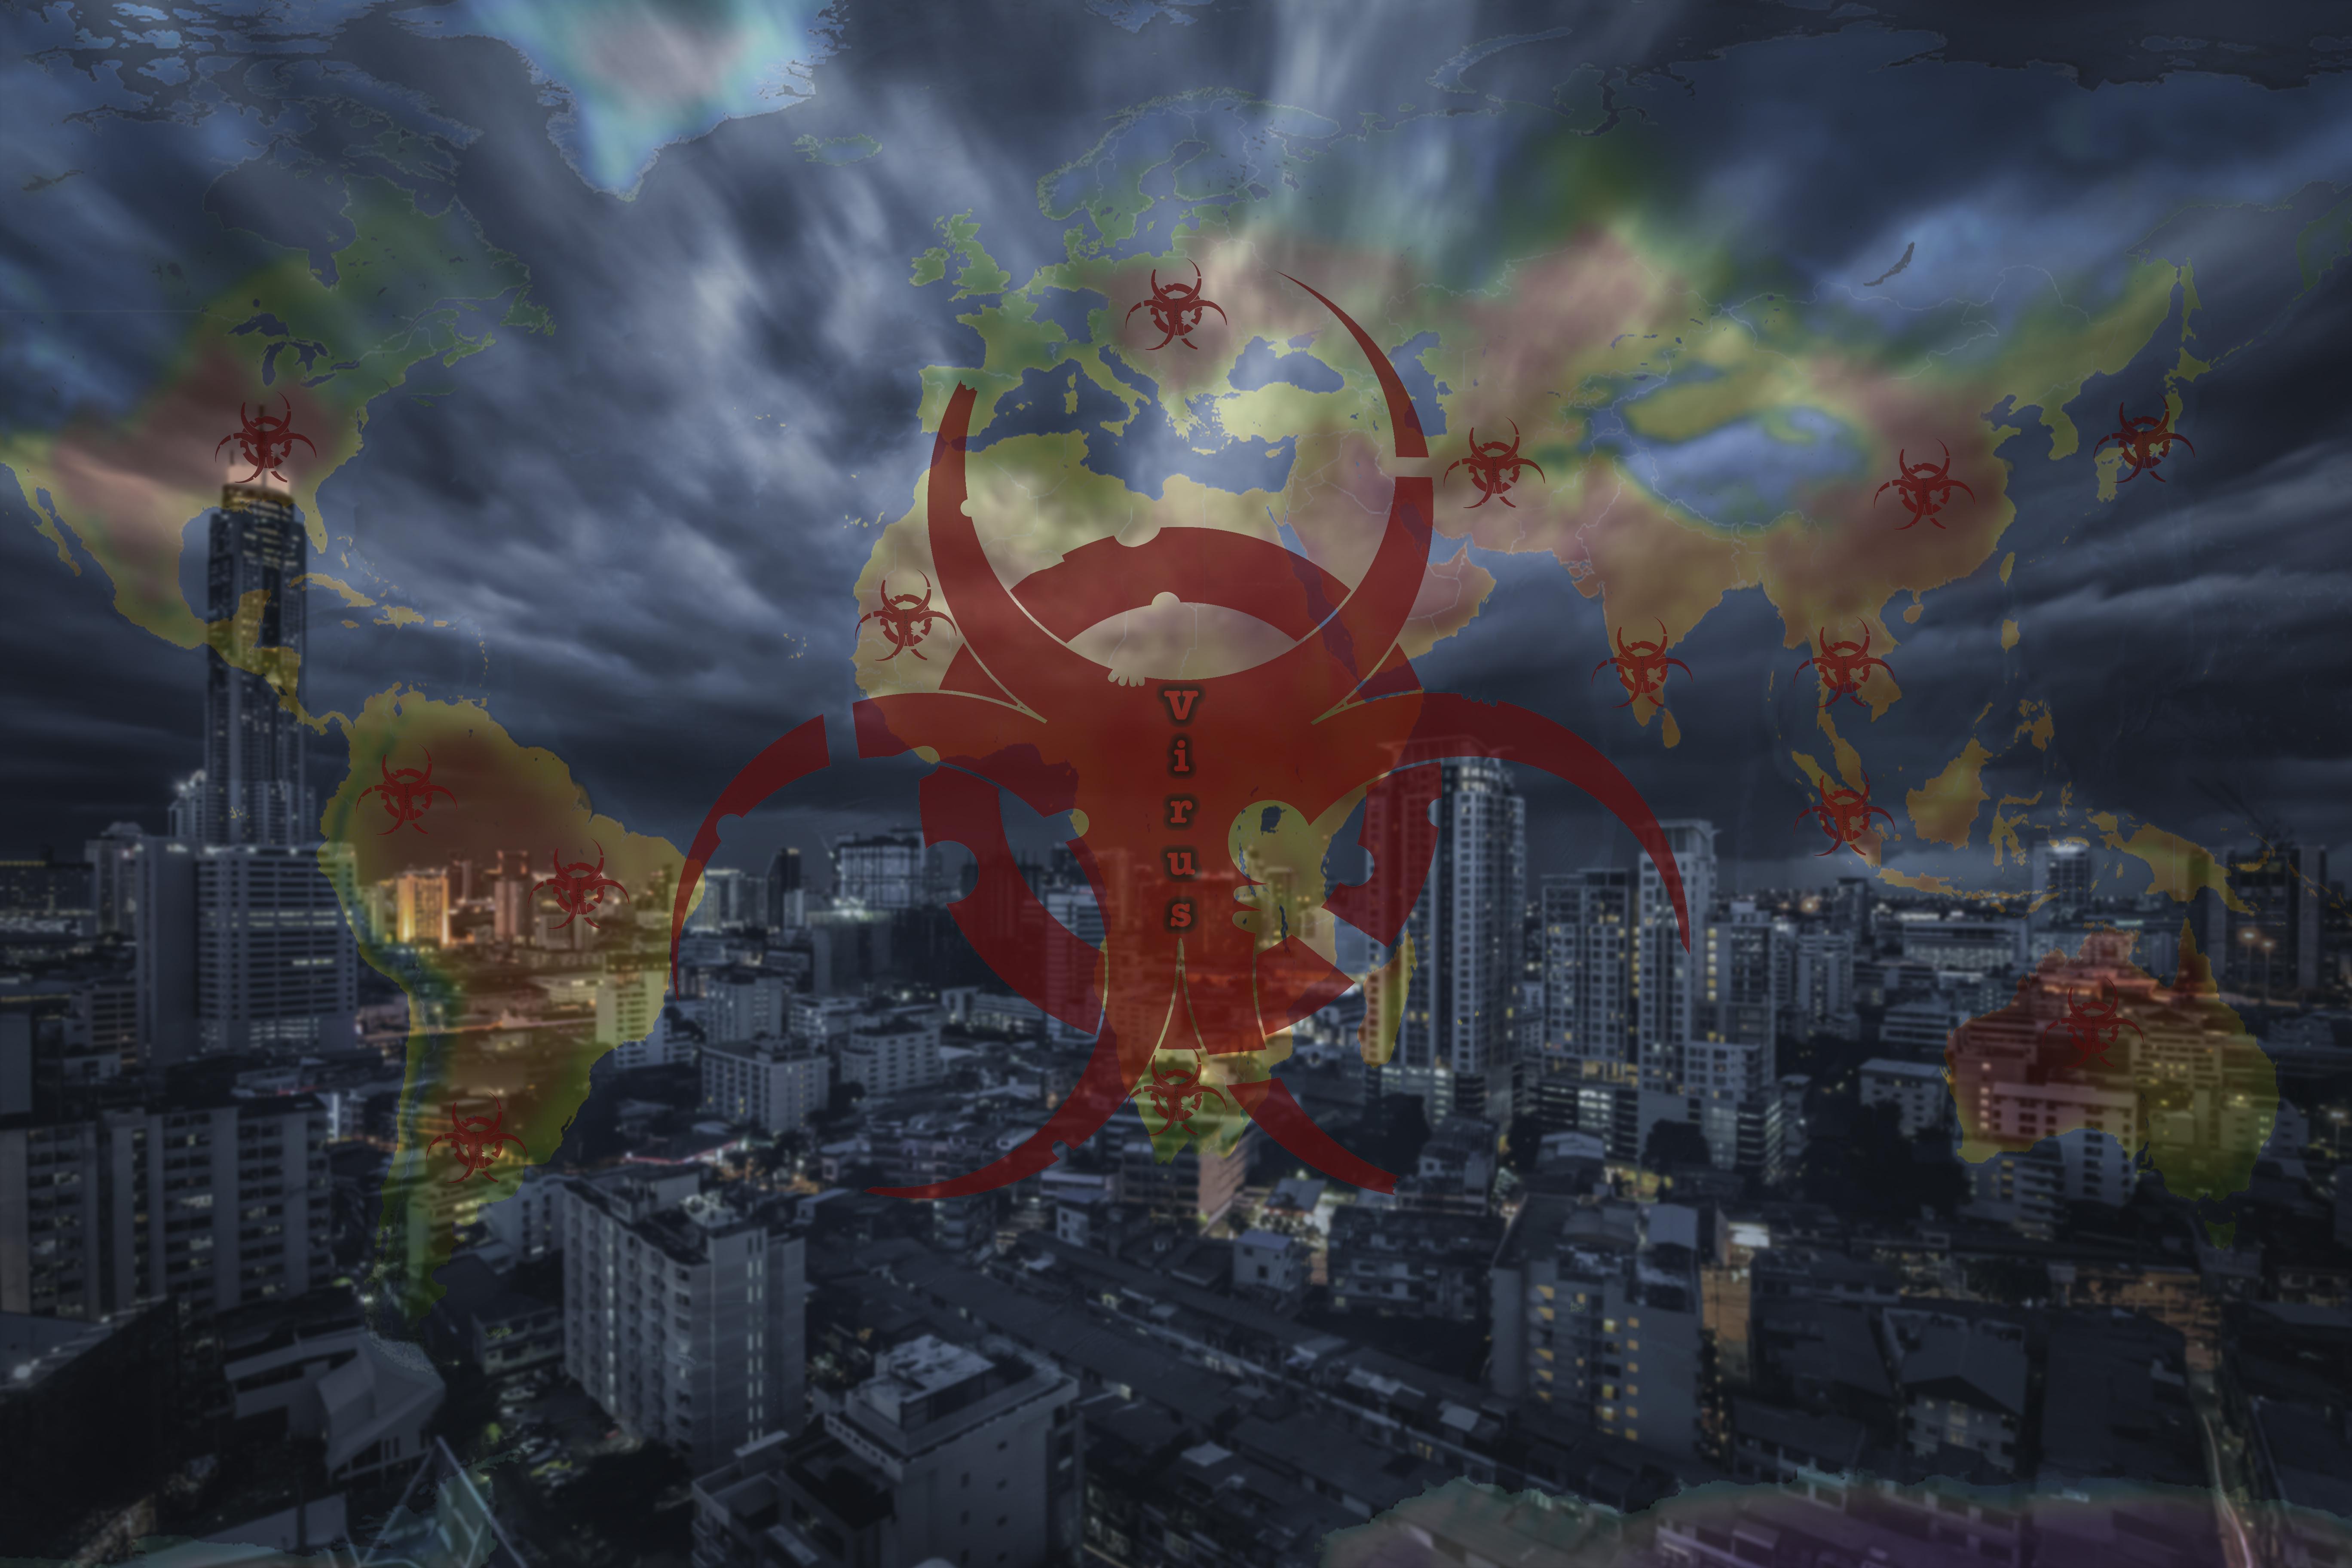 Ilustración de una ciudad atacada por un virus.